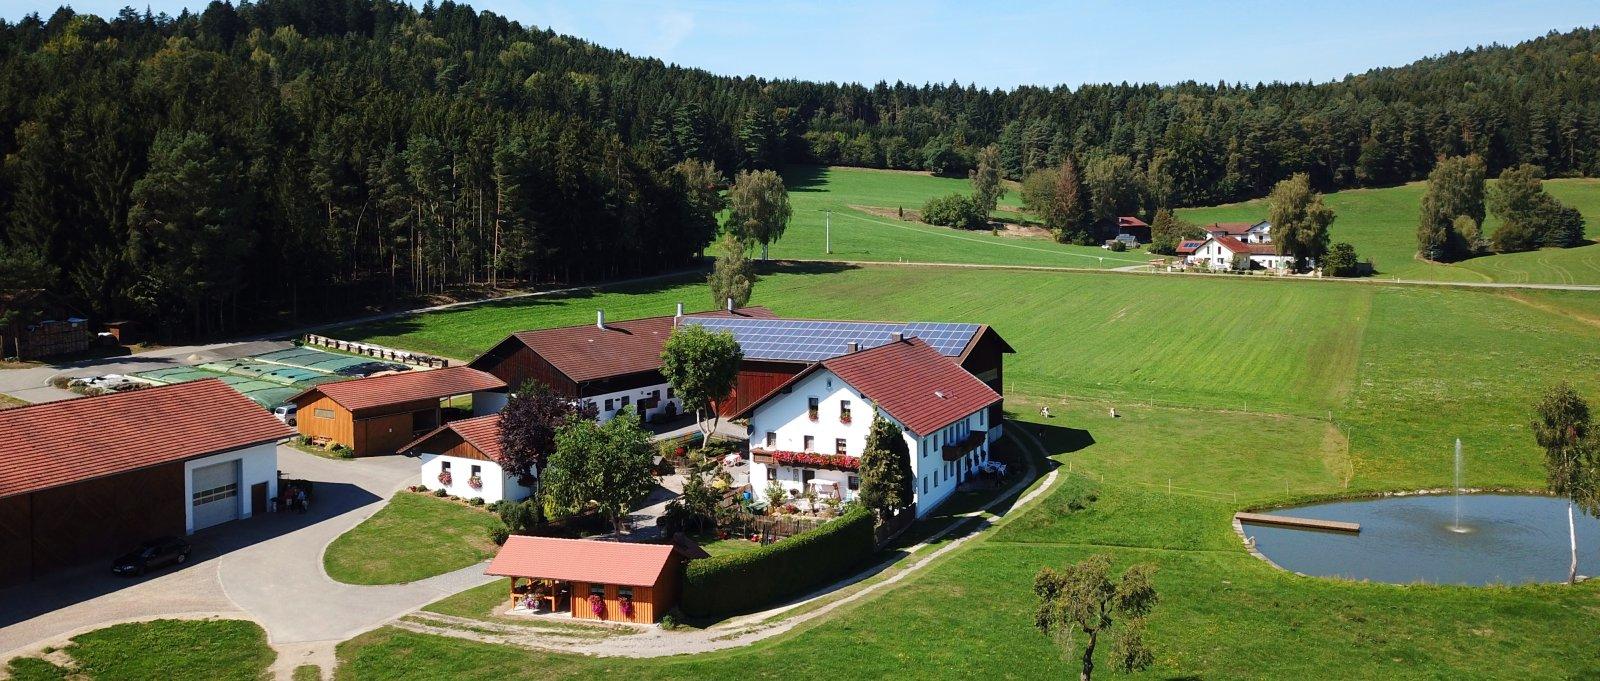 breitbilder-luftbilder-bauernhof-bayerischer-wald-landschaft-hofansicht-1600